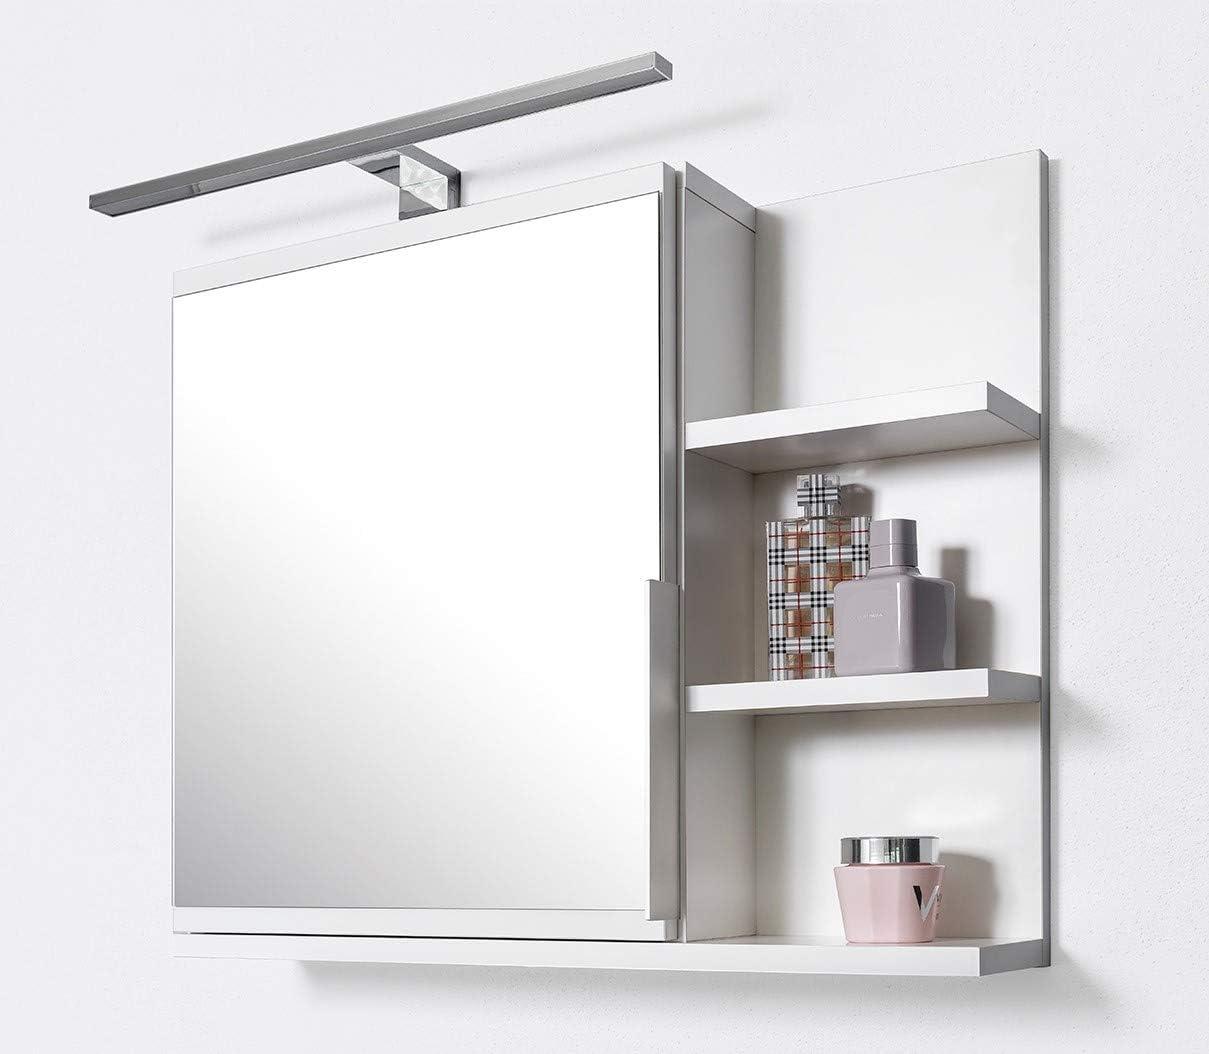 Armario de baño con espejo Domtech con estantes e iluminación LED, espejo de baño, color blanco, armario con espejo, R: Amazon.es: Hogar